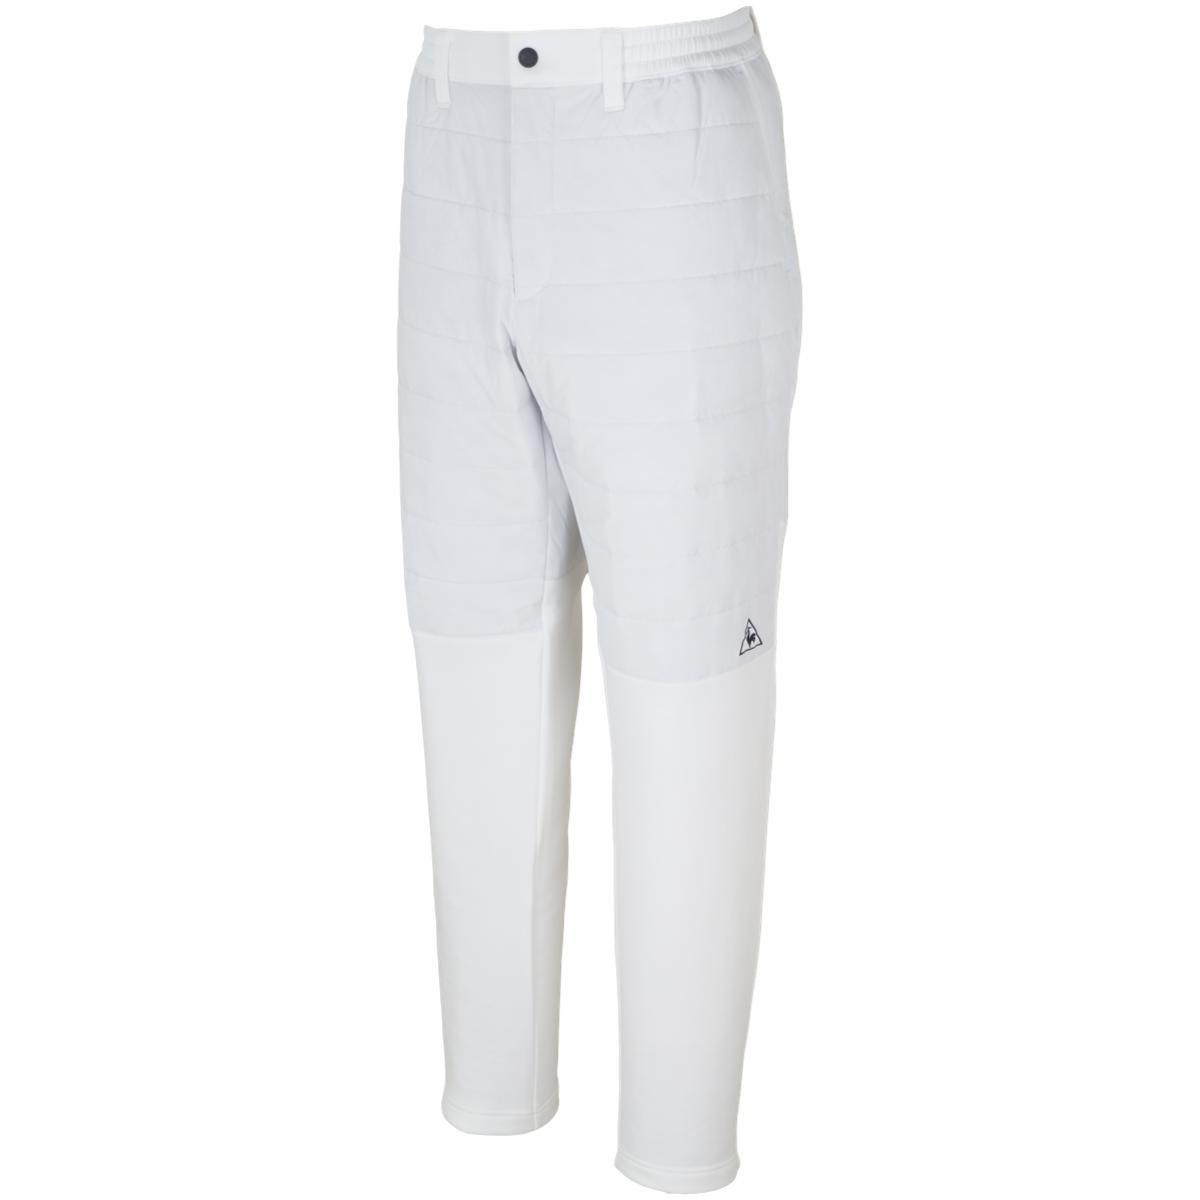 ルコックゴルフ Le coq sportif GOLF ハイブリッドストレッチパンツ M ホワイト 00